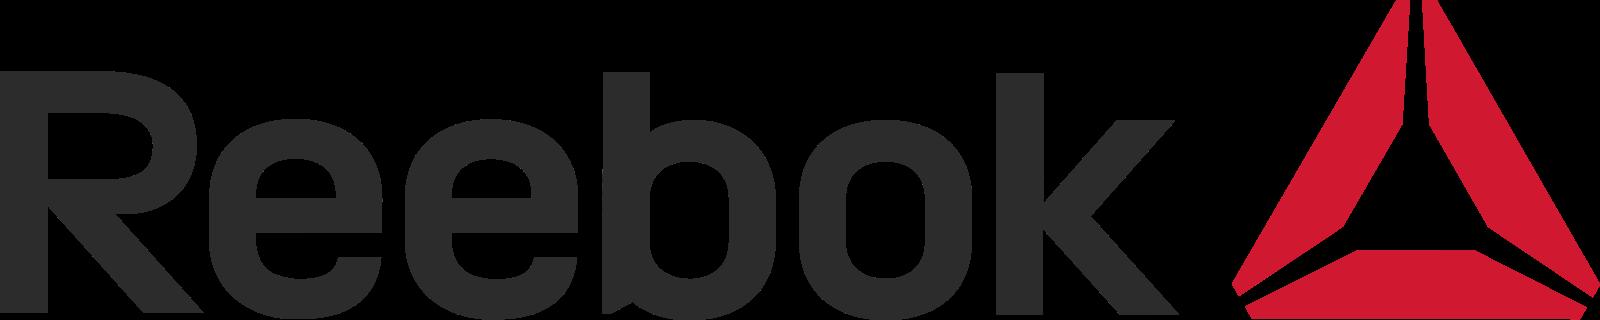 reebok-delta-logo-2